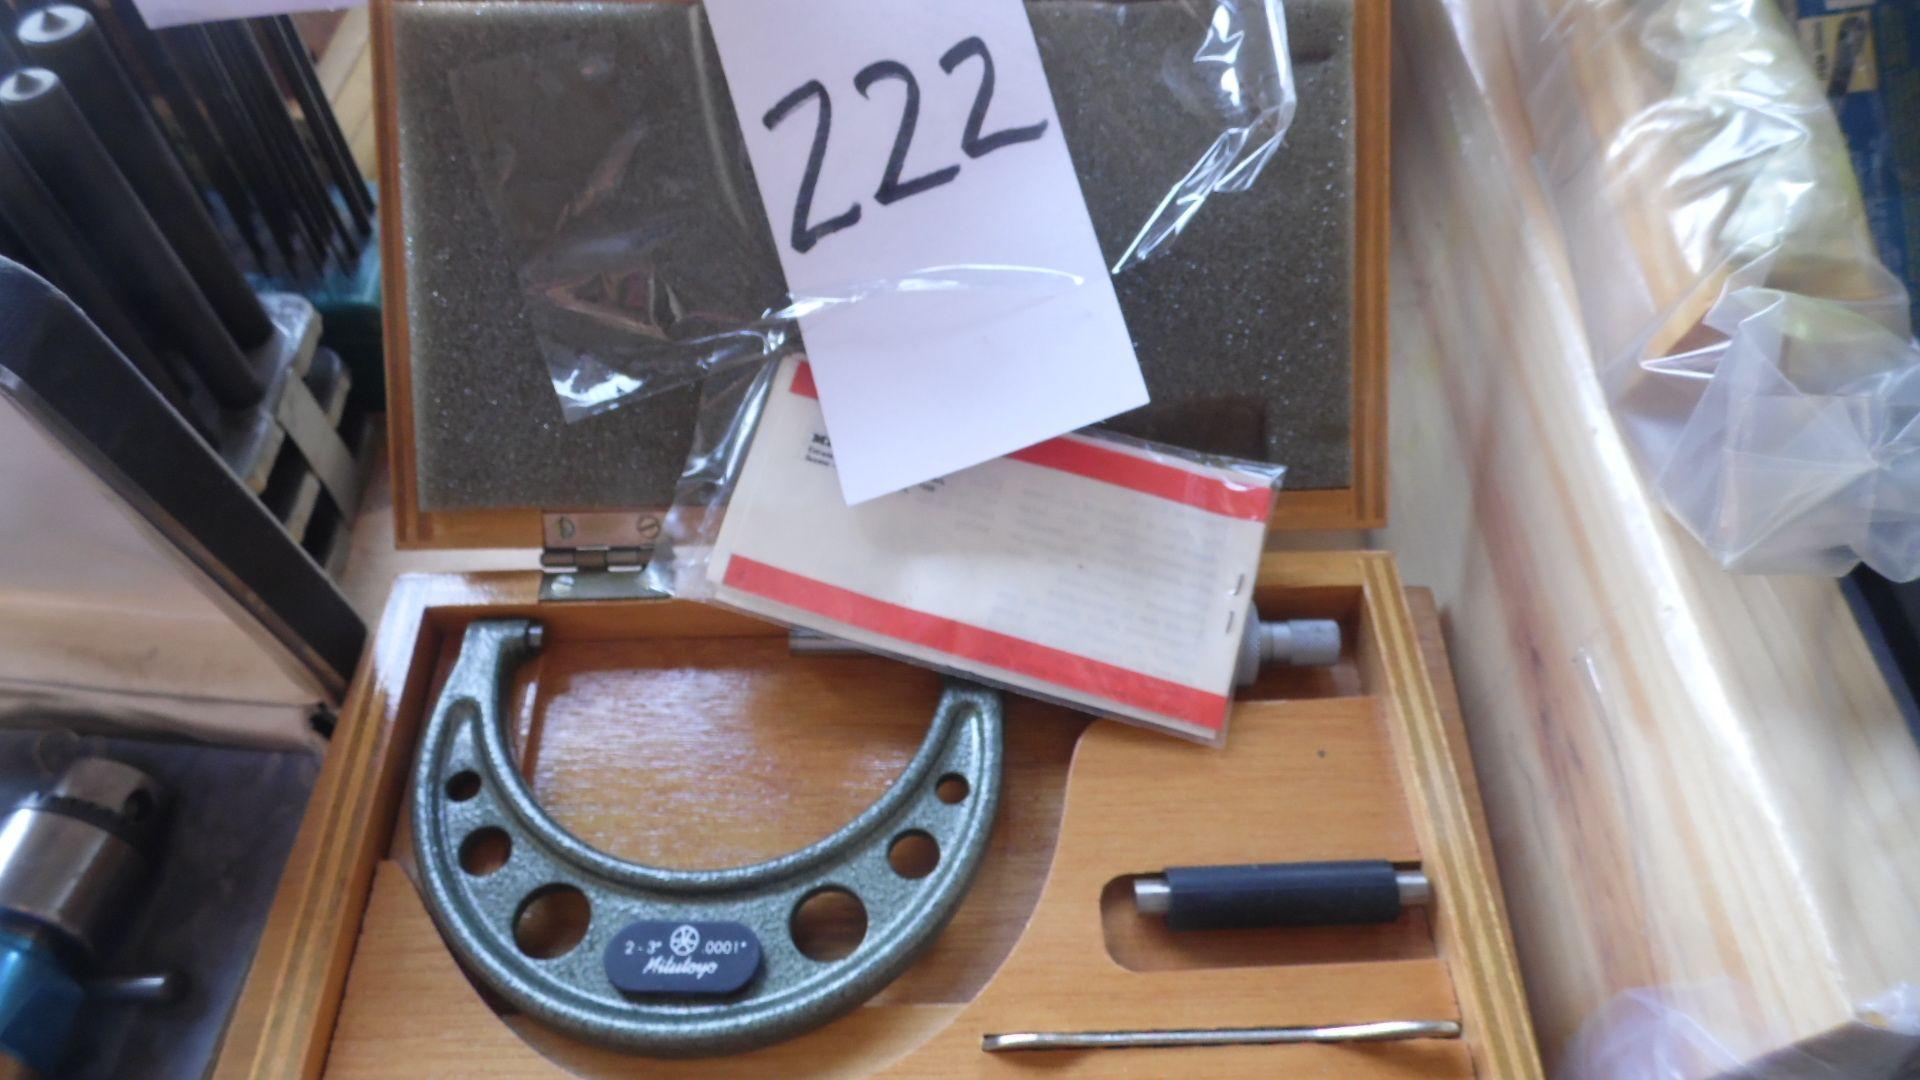 Lot 222 - MITUTOYO MICROMETER